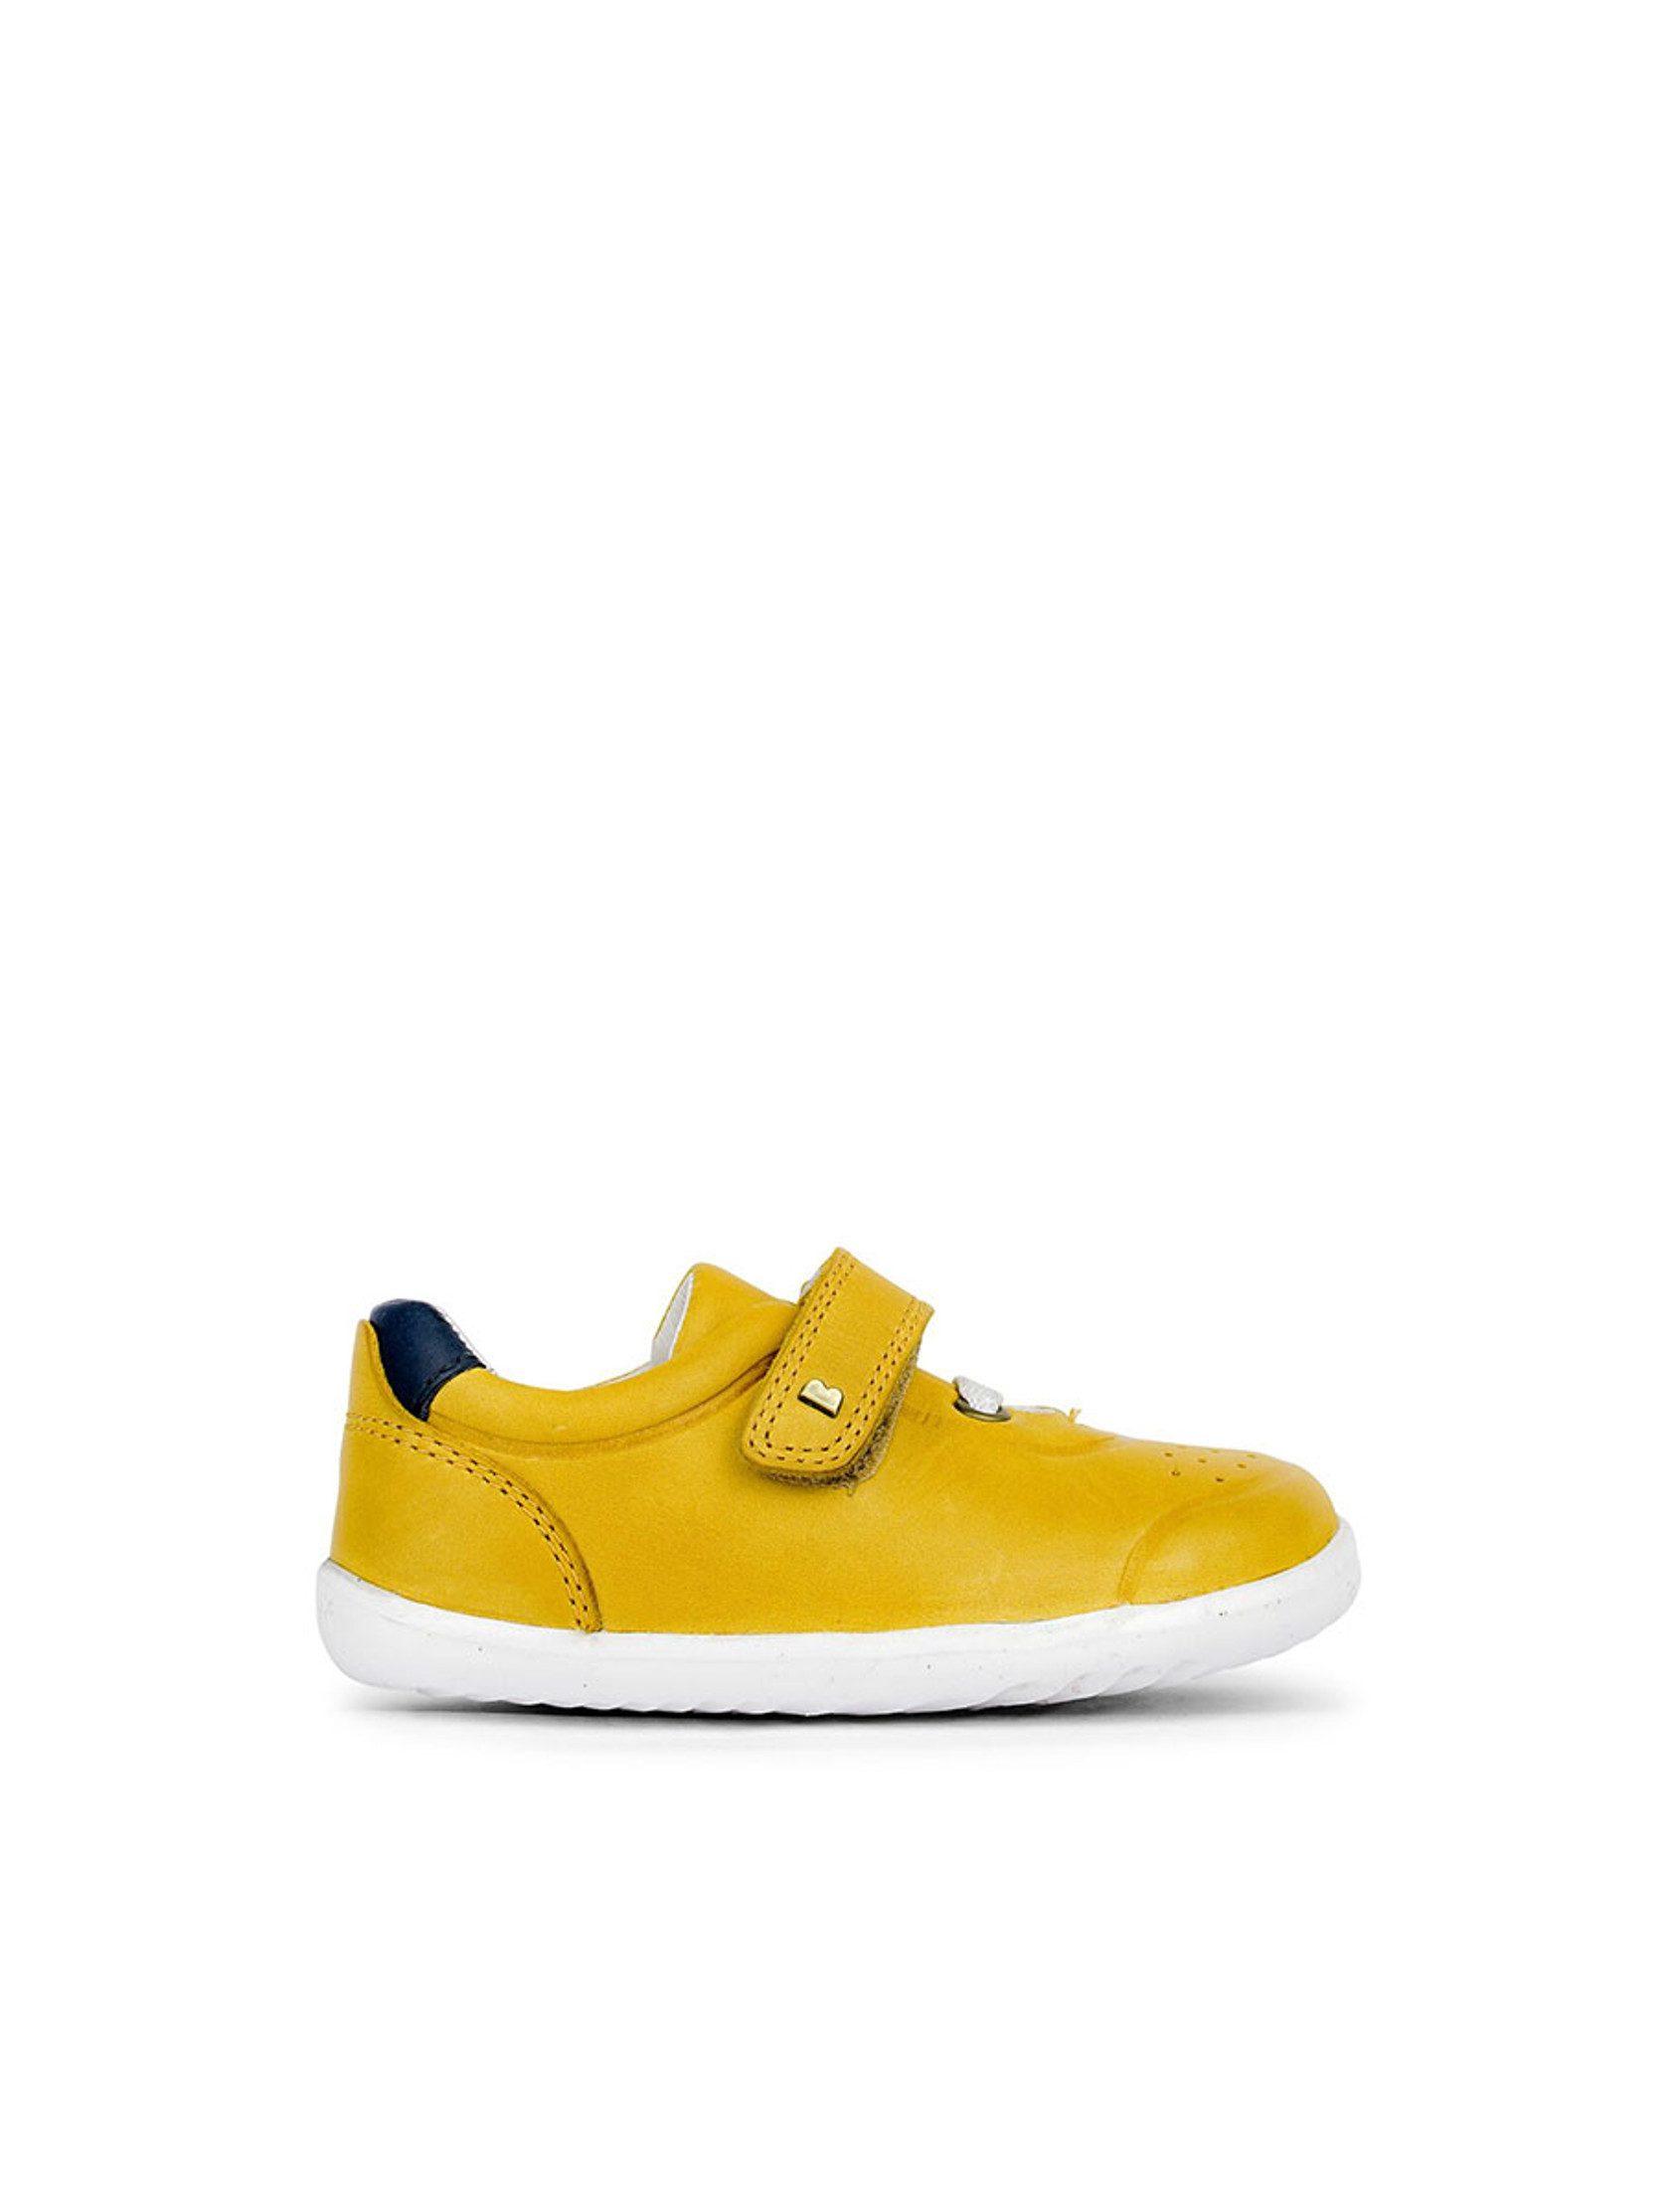 Zapatillas deportivas de piel color marrón mostaza. Ligera y a la vez resistente; con cierre de velcro es fácil de poner y fácil de quitar.